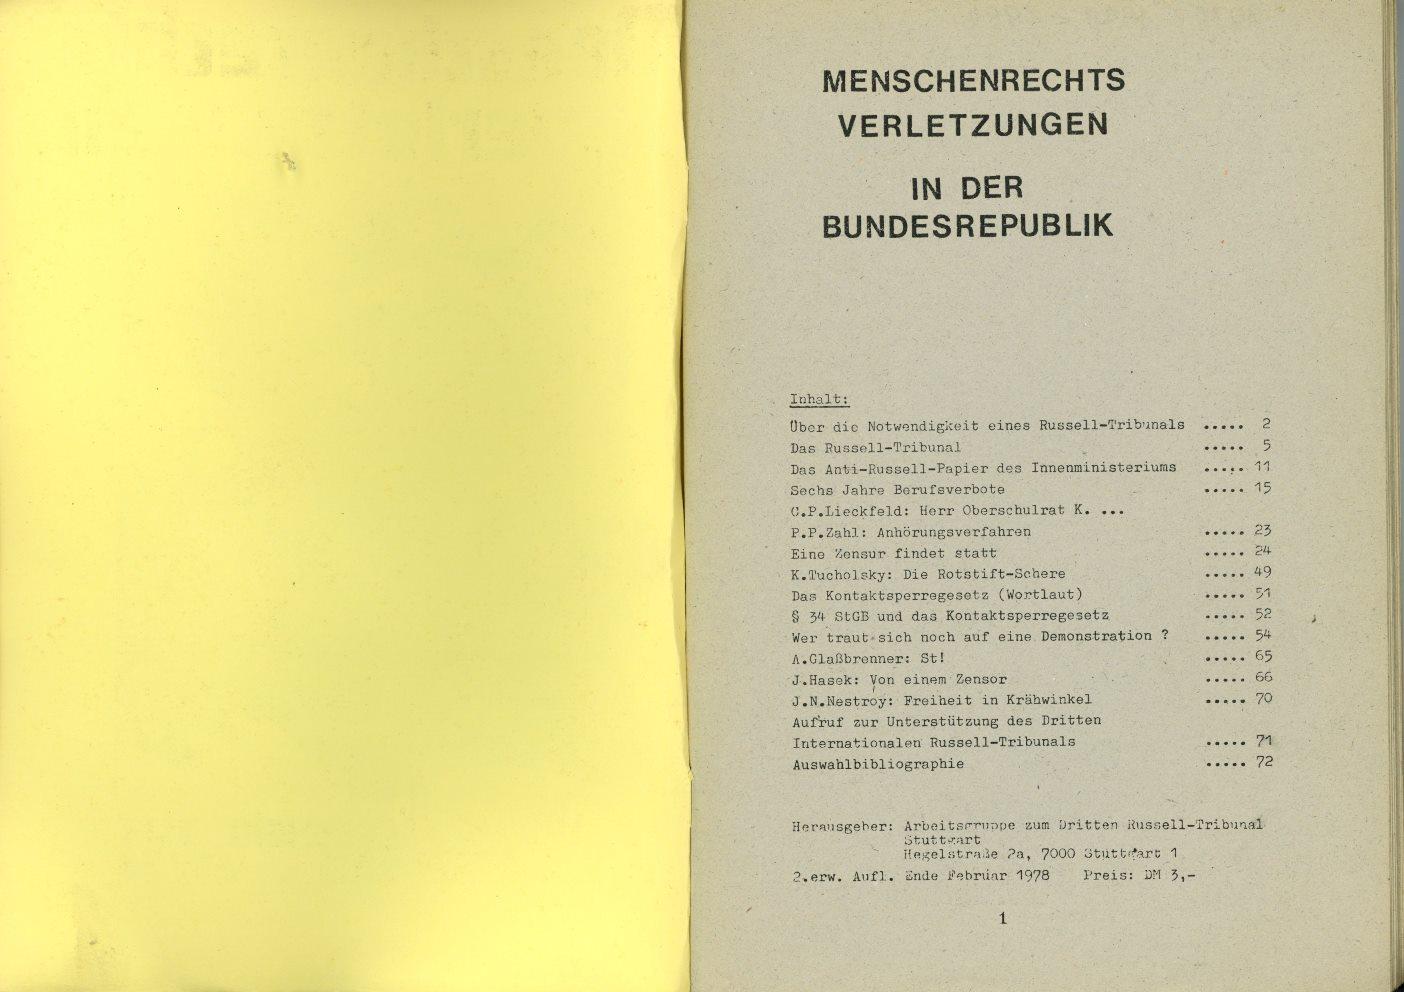 Stuttgart_AGRT_Menschenrechtsverletzungen_Leseheft_1978_02